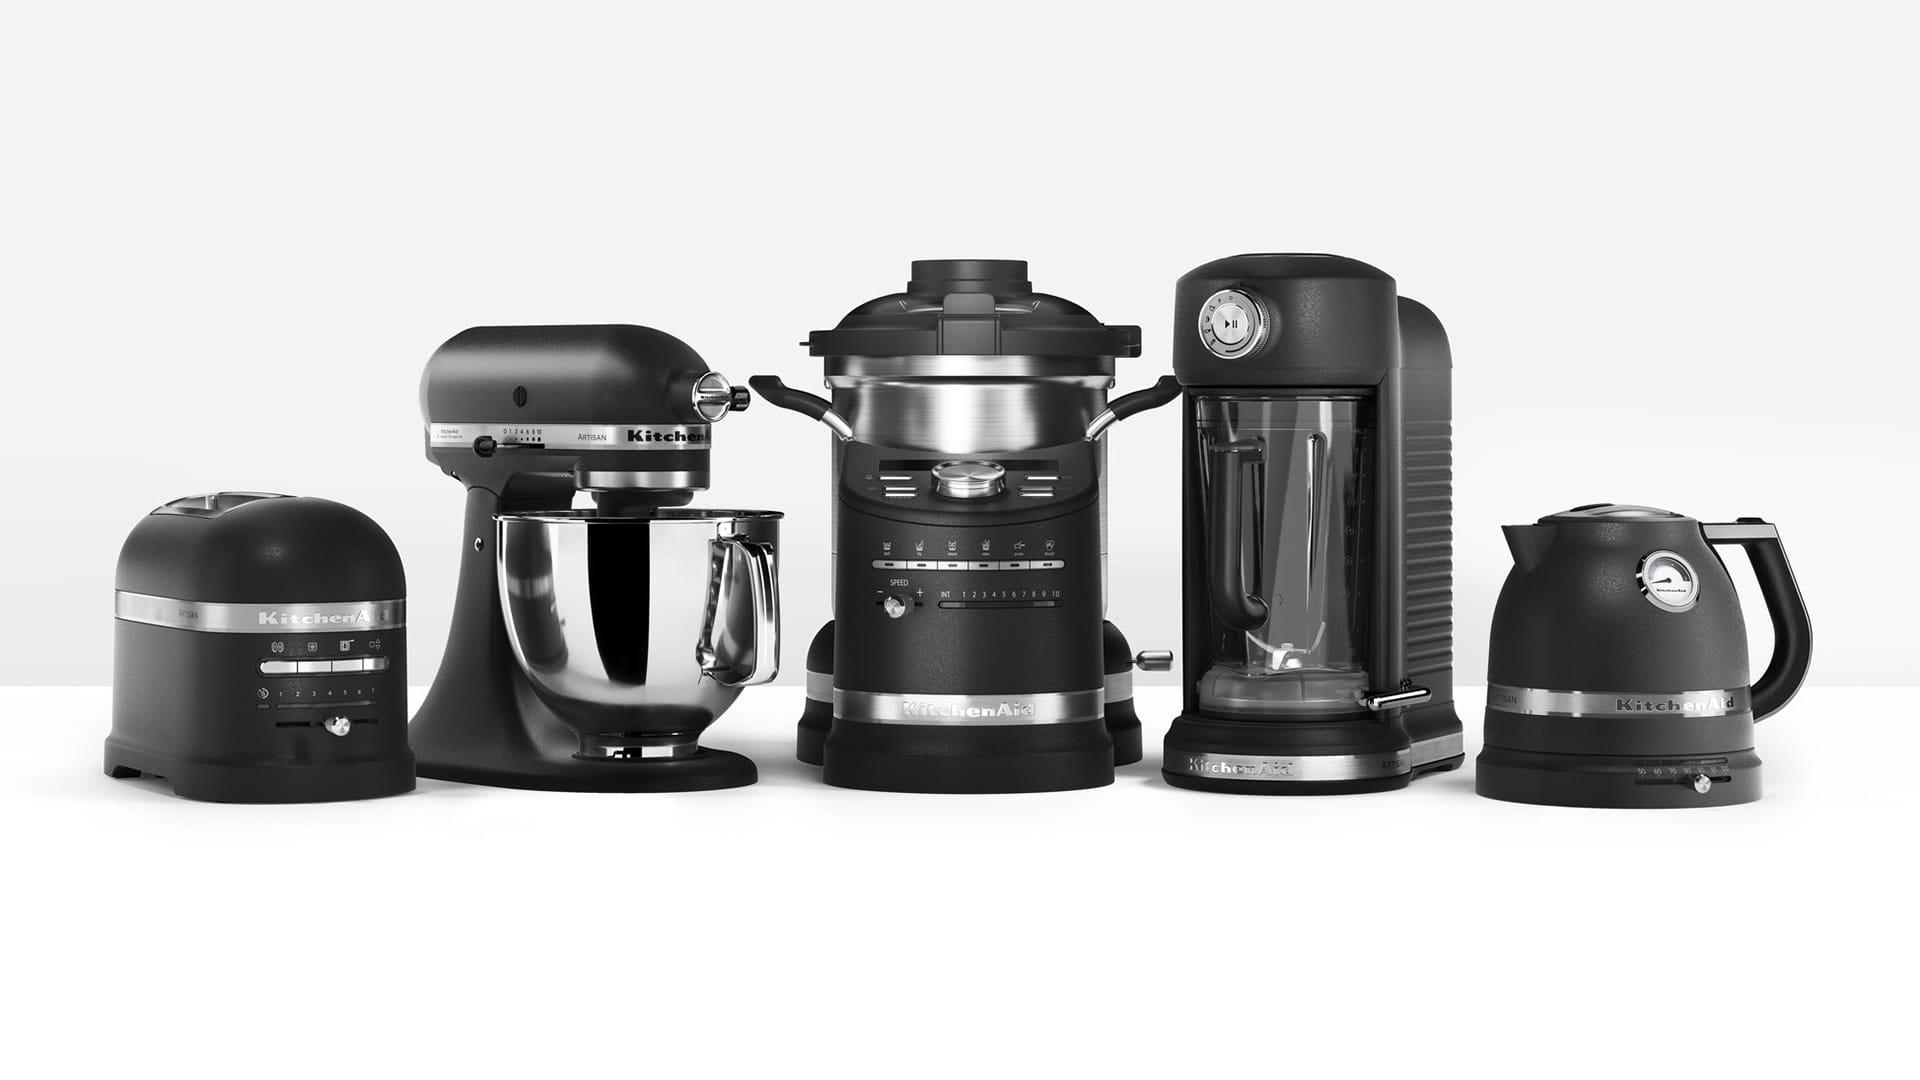 artisan cook processor 5kcf0103 kitchenaid uk. Black Bedroom Furniture Sets. Home Design Ideas